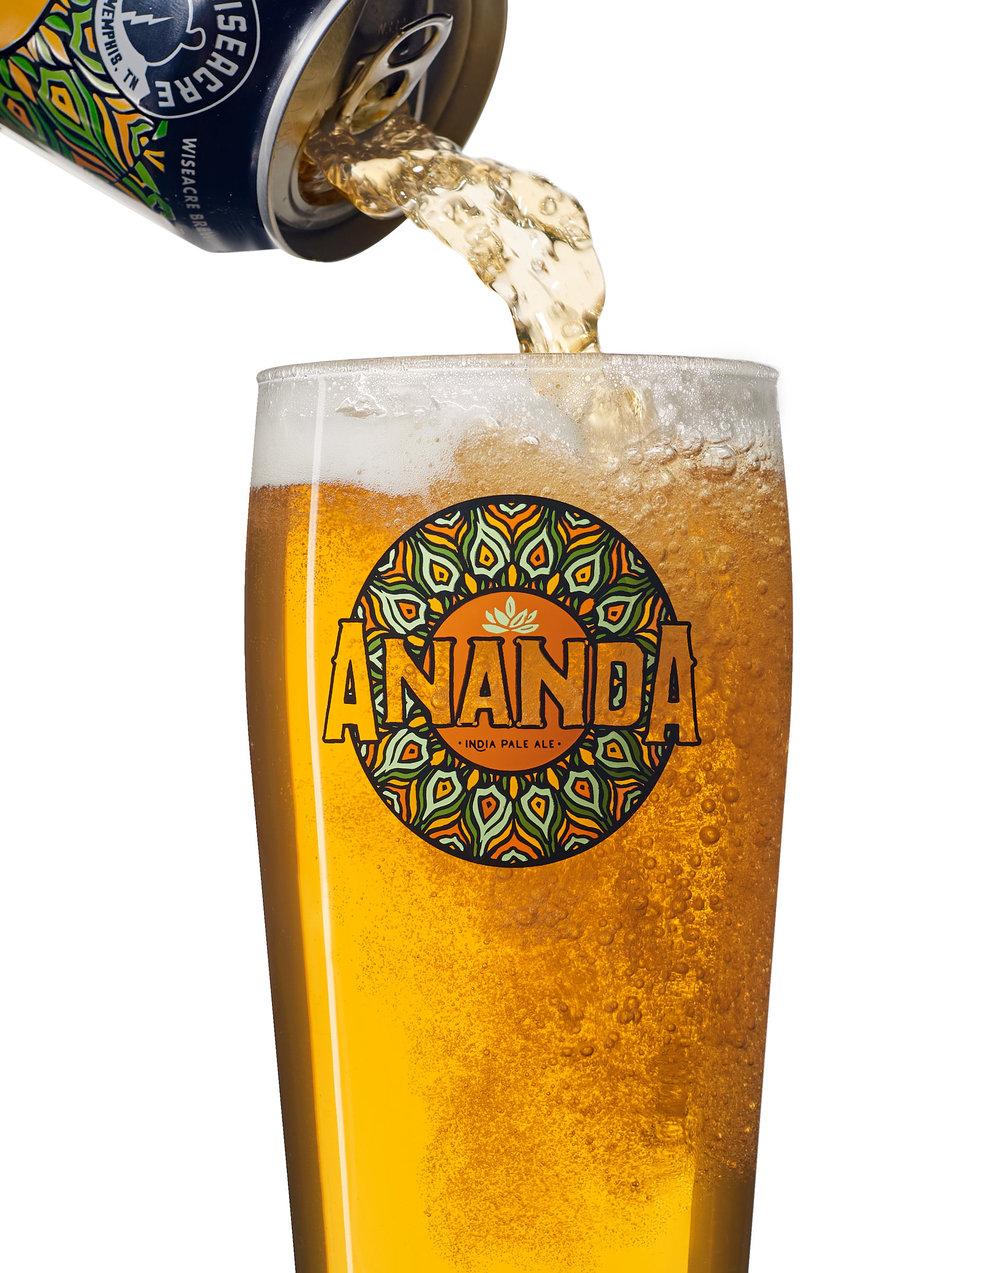 Wiseacre-Beer-Ananda-Pour.jpg